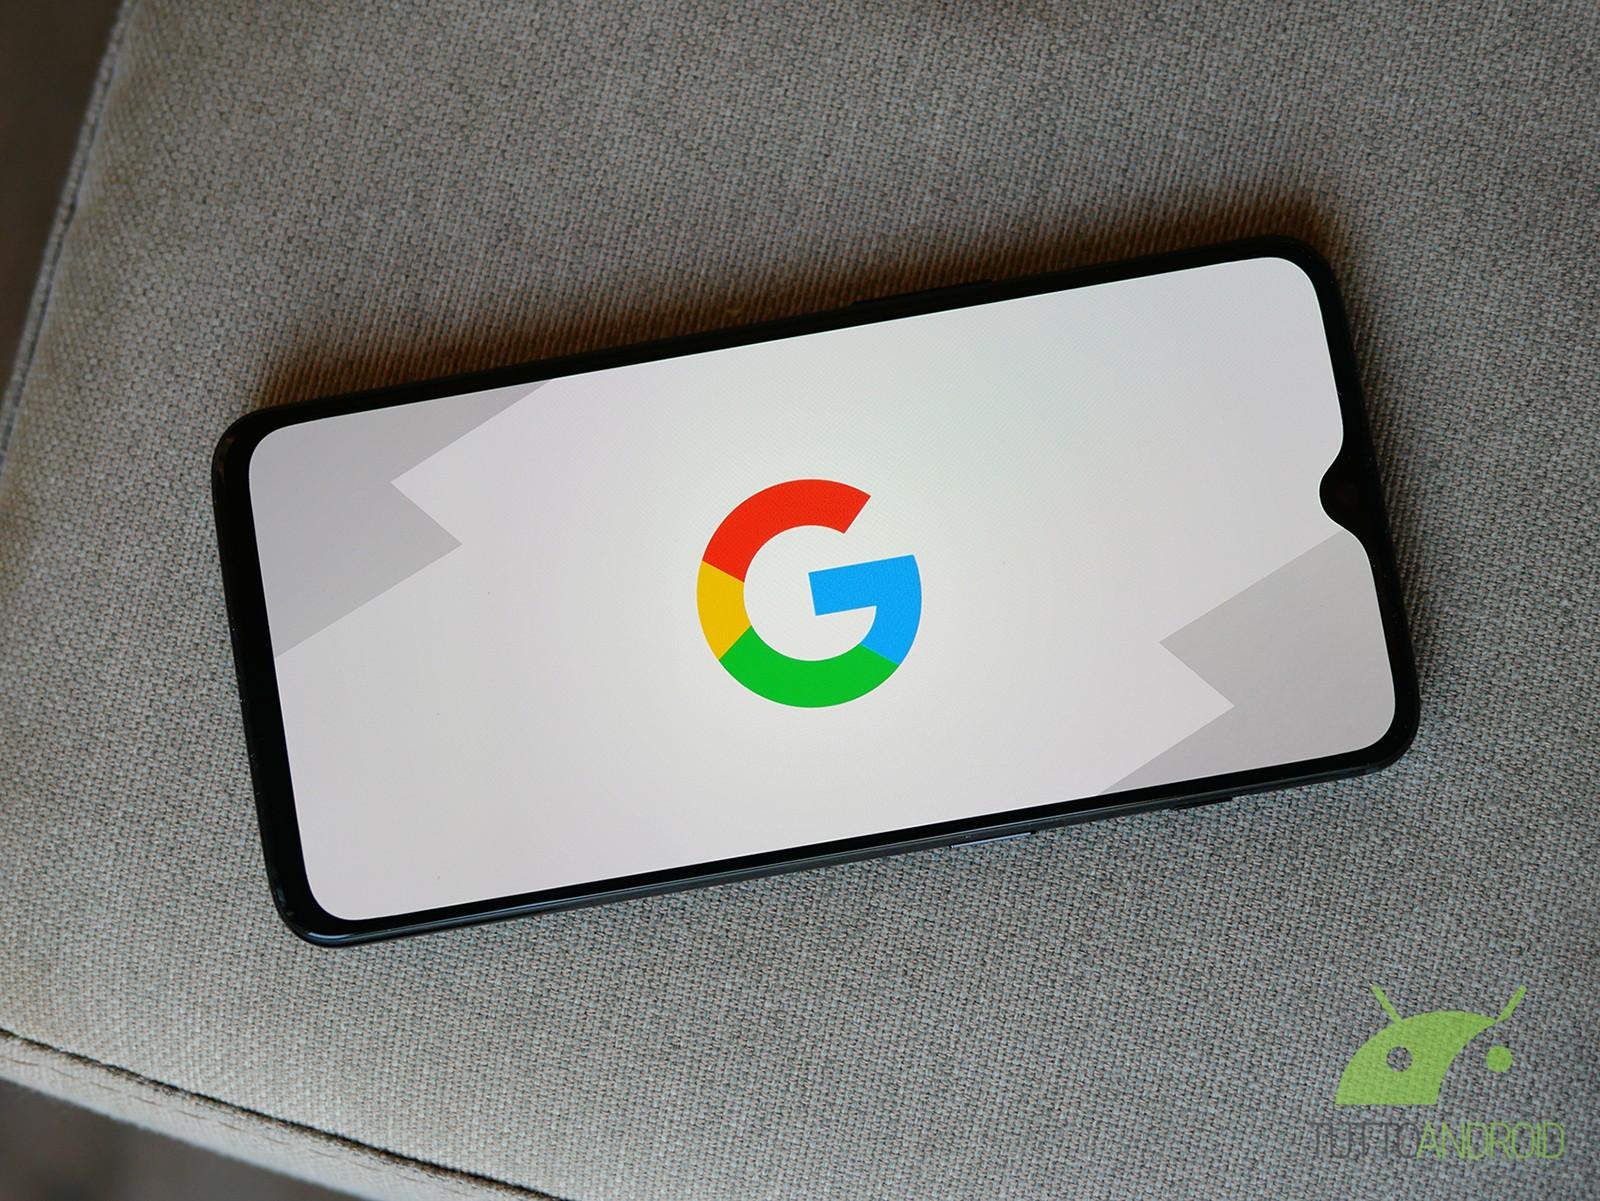 Google è pronta a entrare nel mondo bancario con un conto corrente legato ...